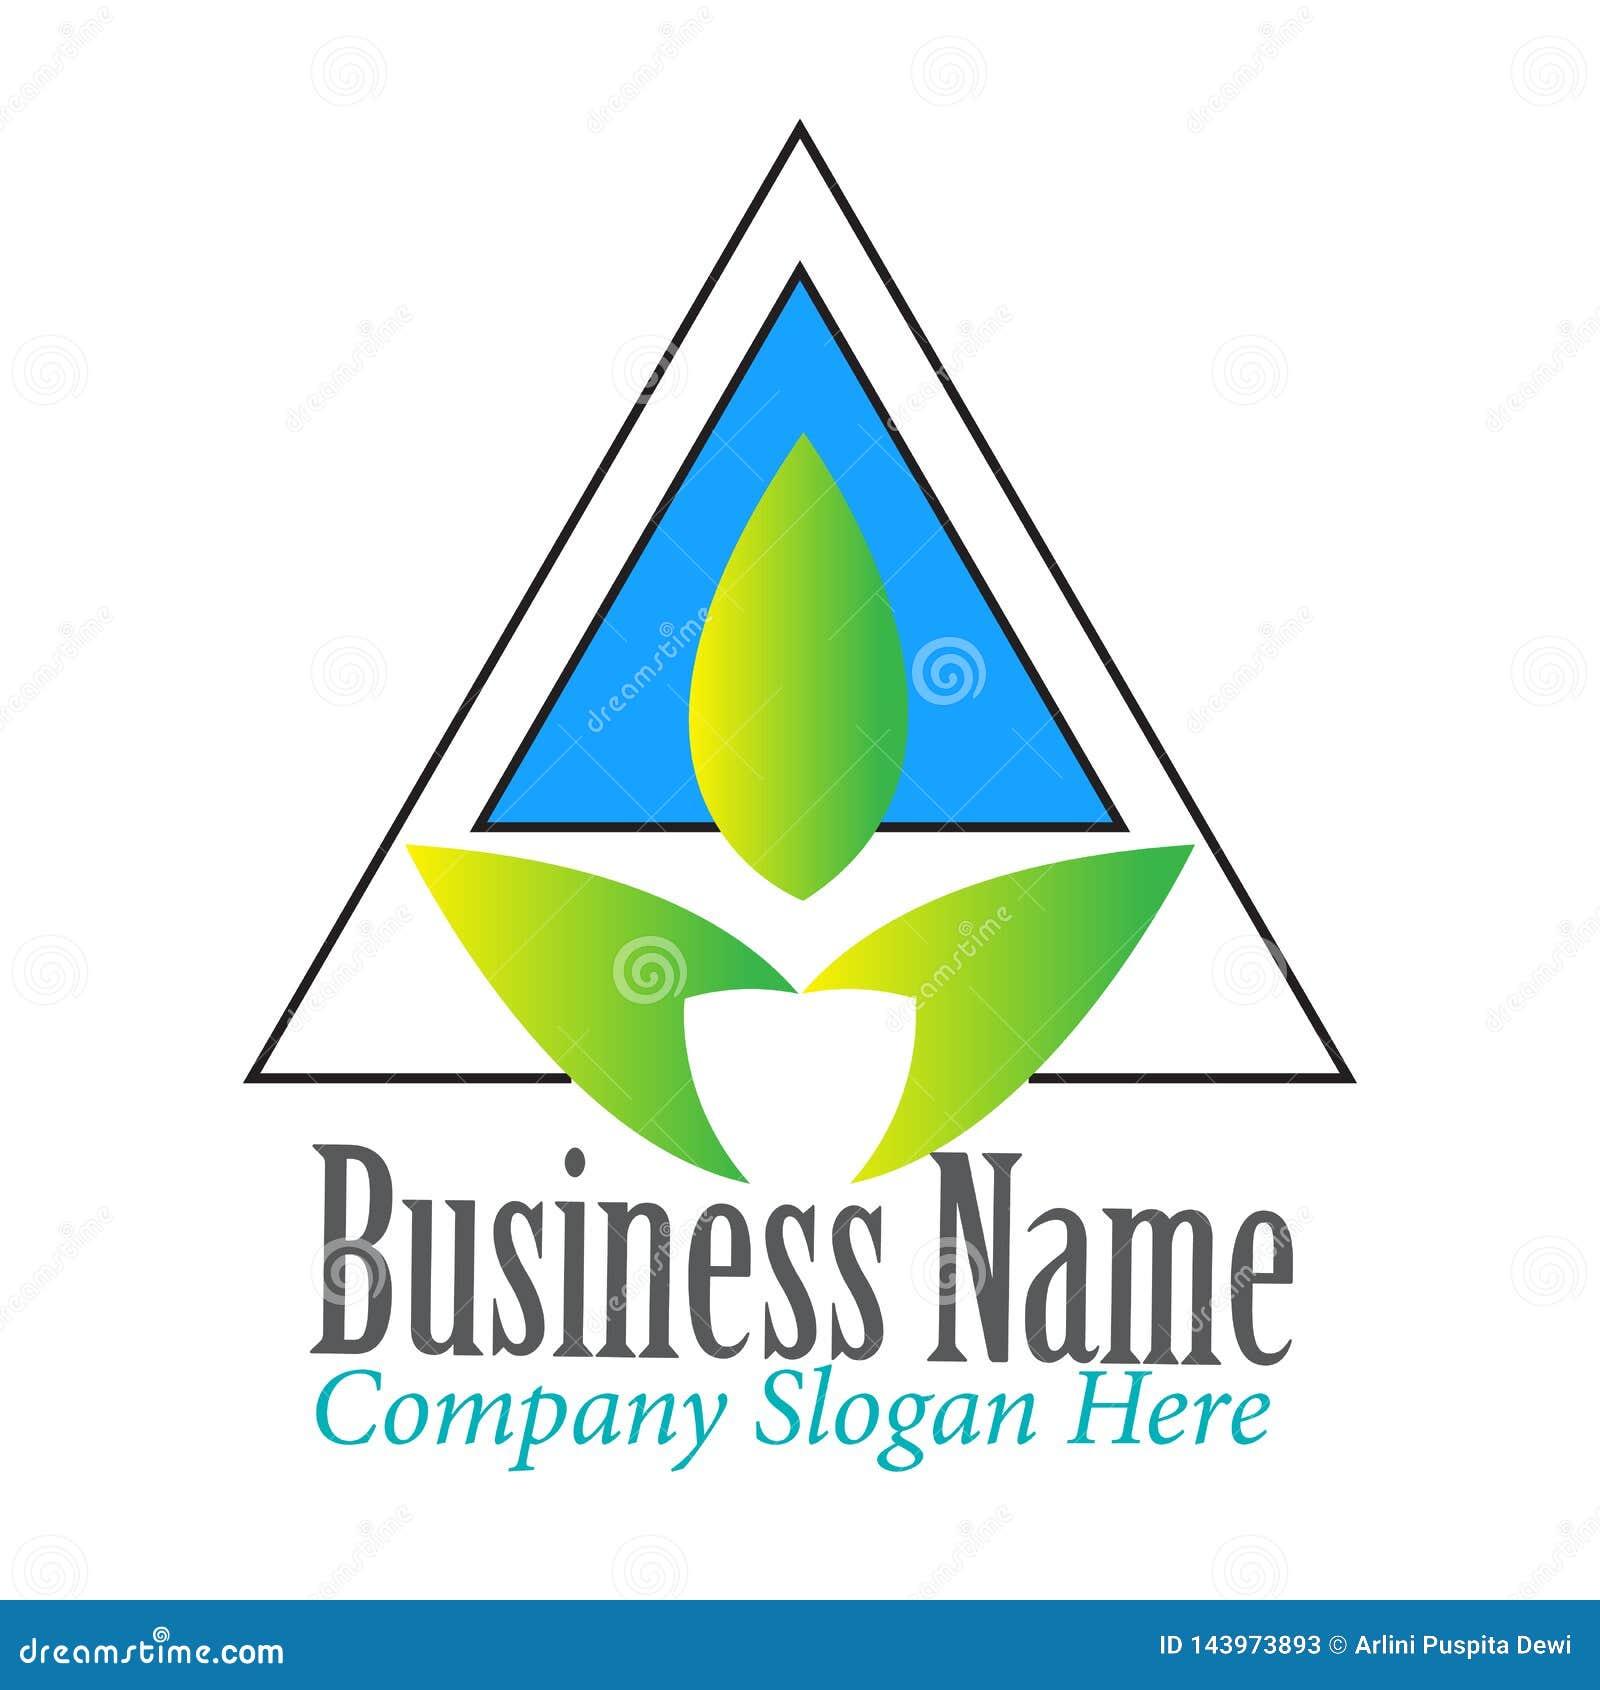 Triángulo moderno simple con la inspiración del diseño del logotipo de la hoja